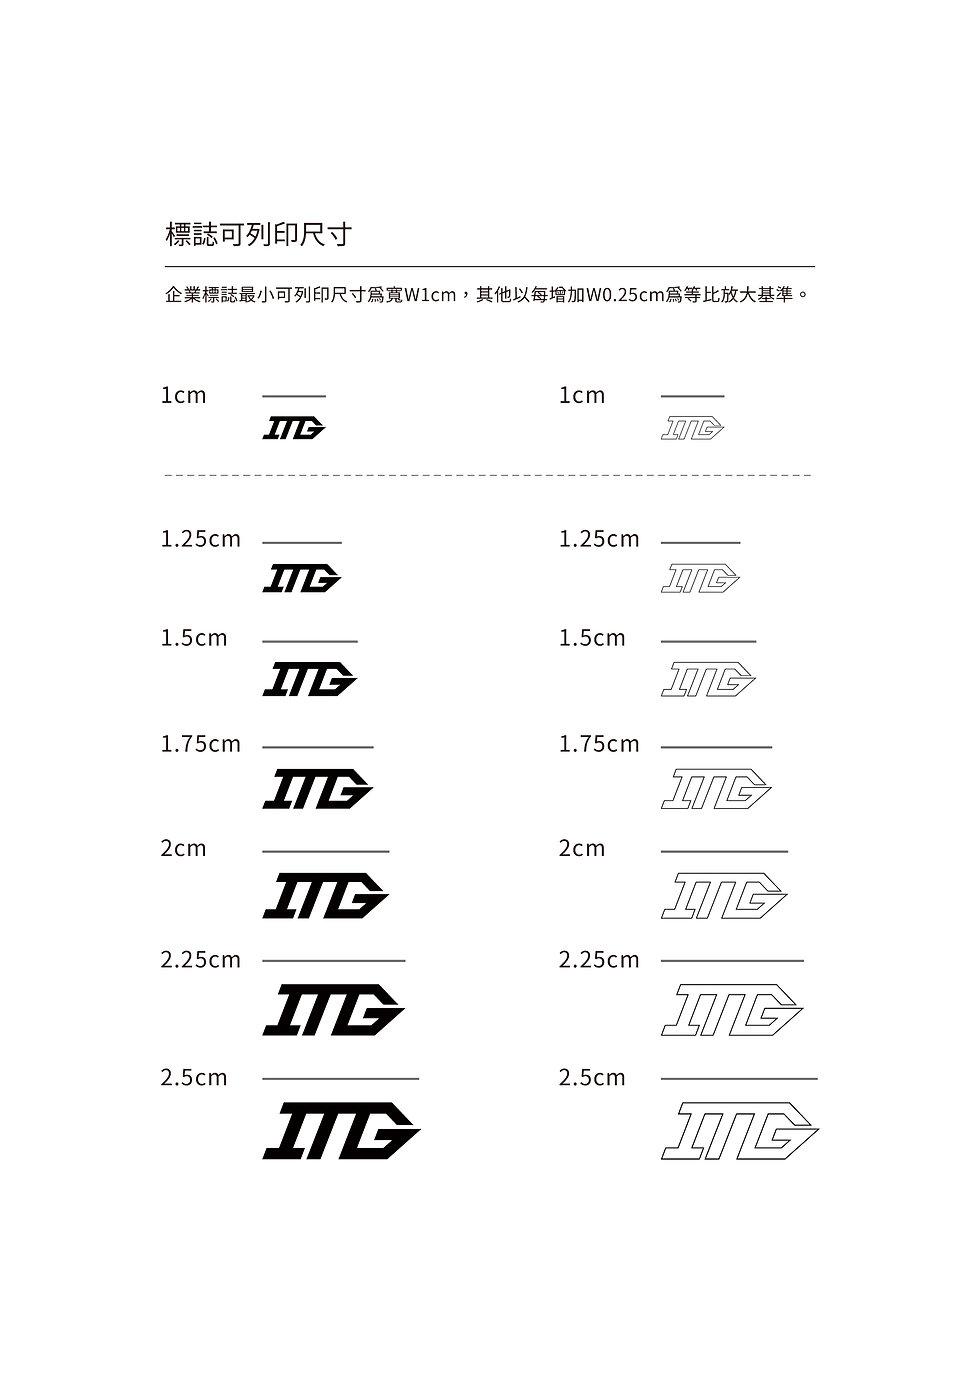 新鑫金屬標誌基礎系統-作品用-07.jpg